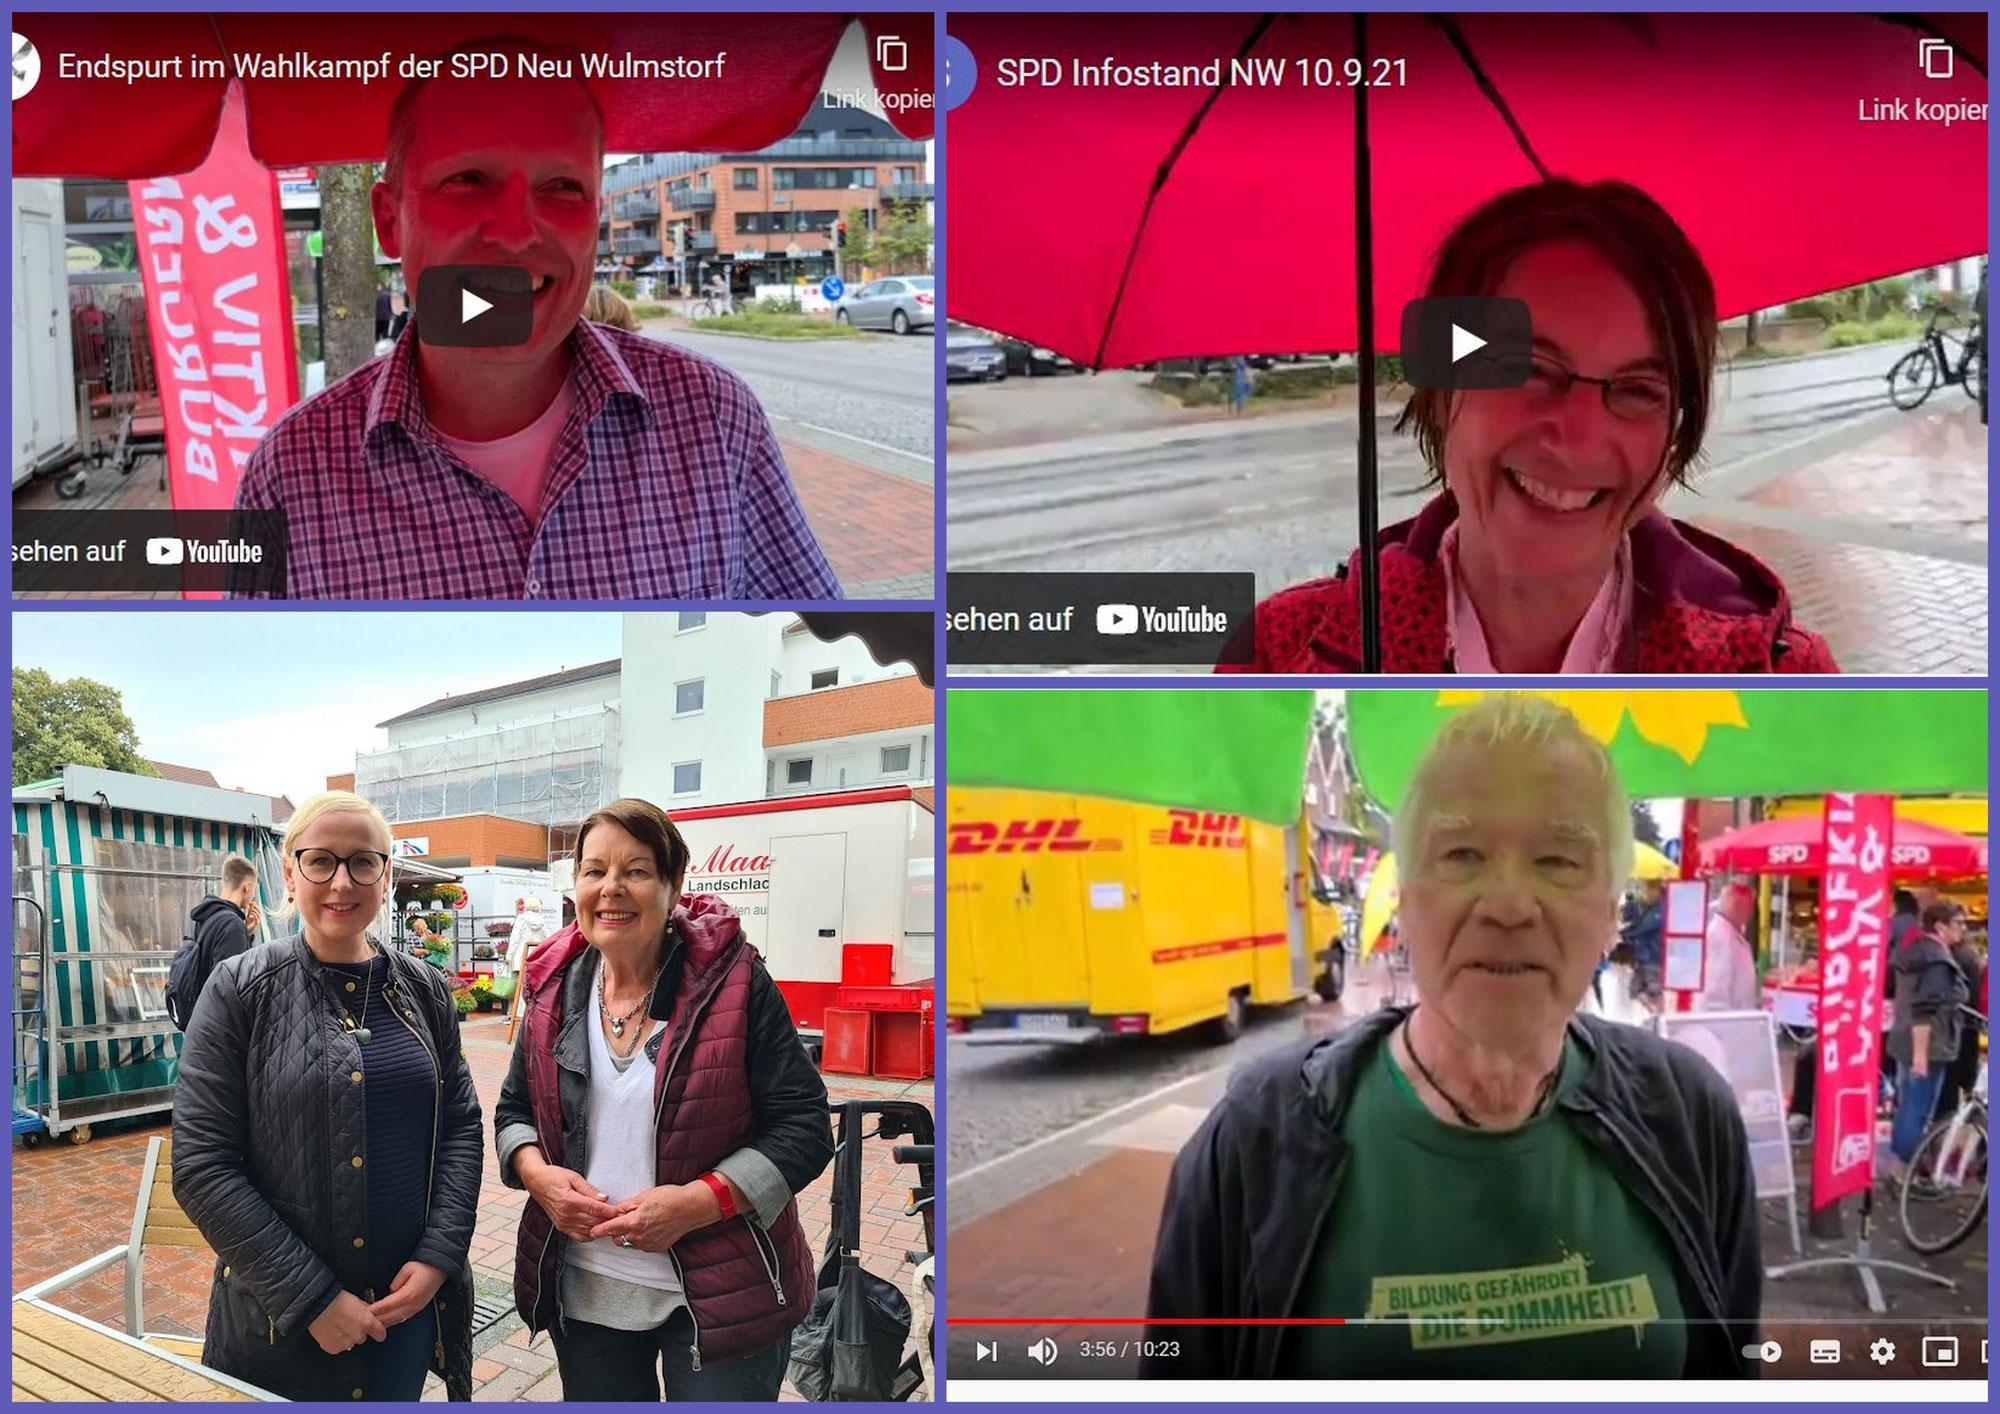 Wahlkampf-Endspurt in Neu Wulmstorf - noch 2 Tage bis zur Entscheidung! Jetzt heißt es Daumen drücken, warten und hoffen ...!